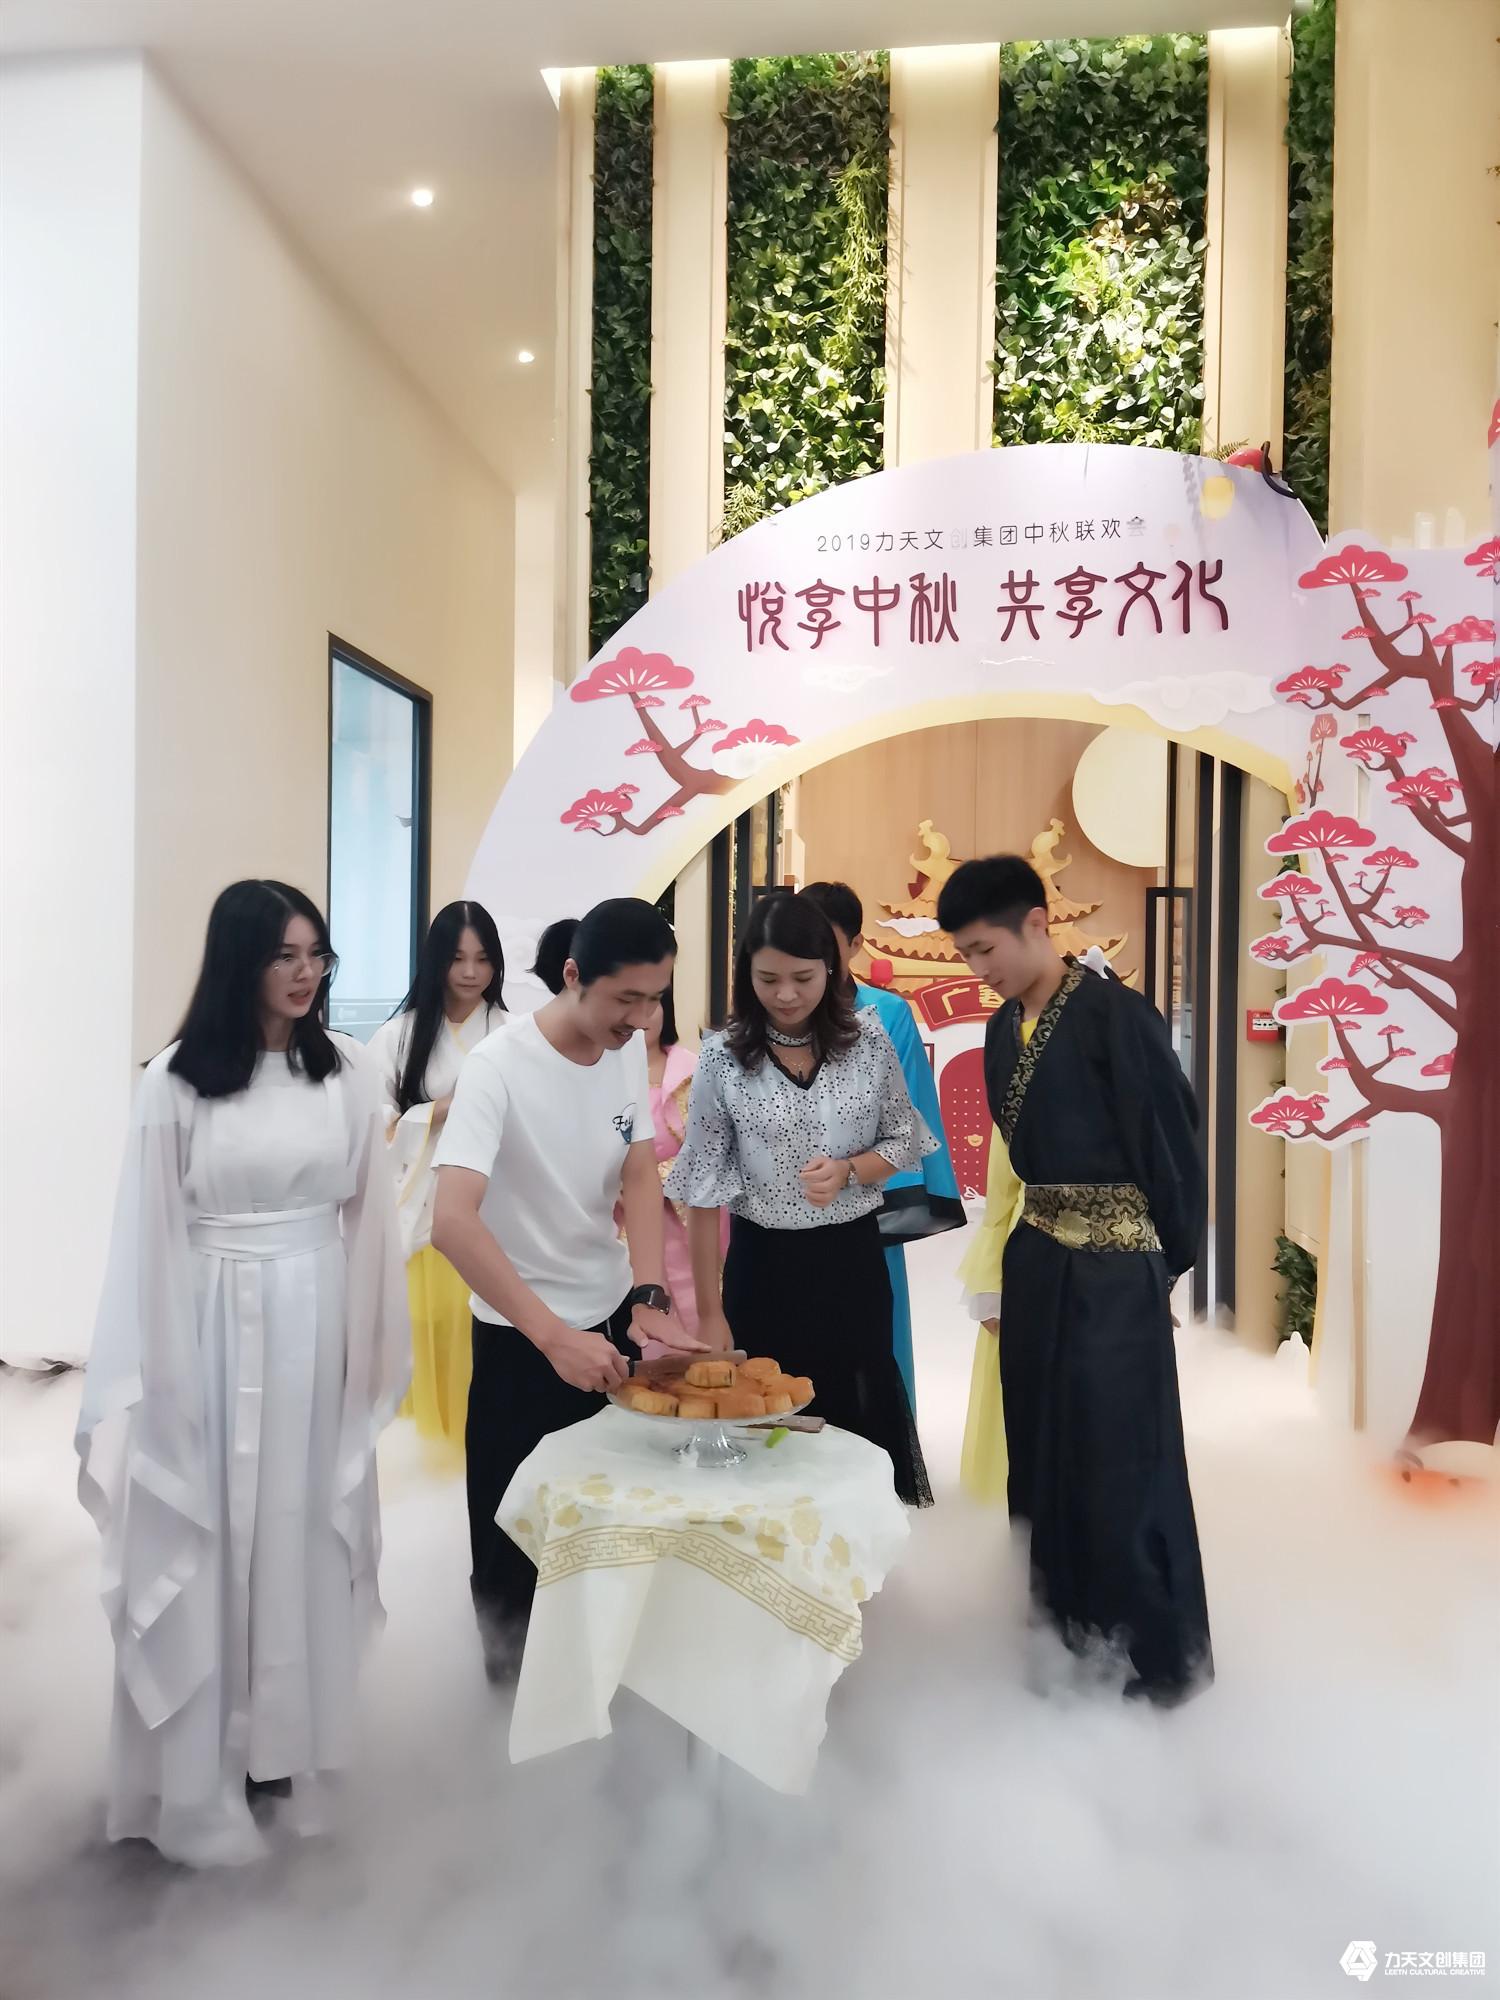 2019年力天文创集团  中秋联欢会   中秋节活动   中秋月饼